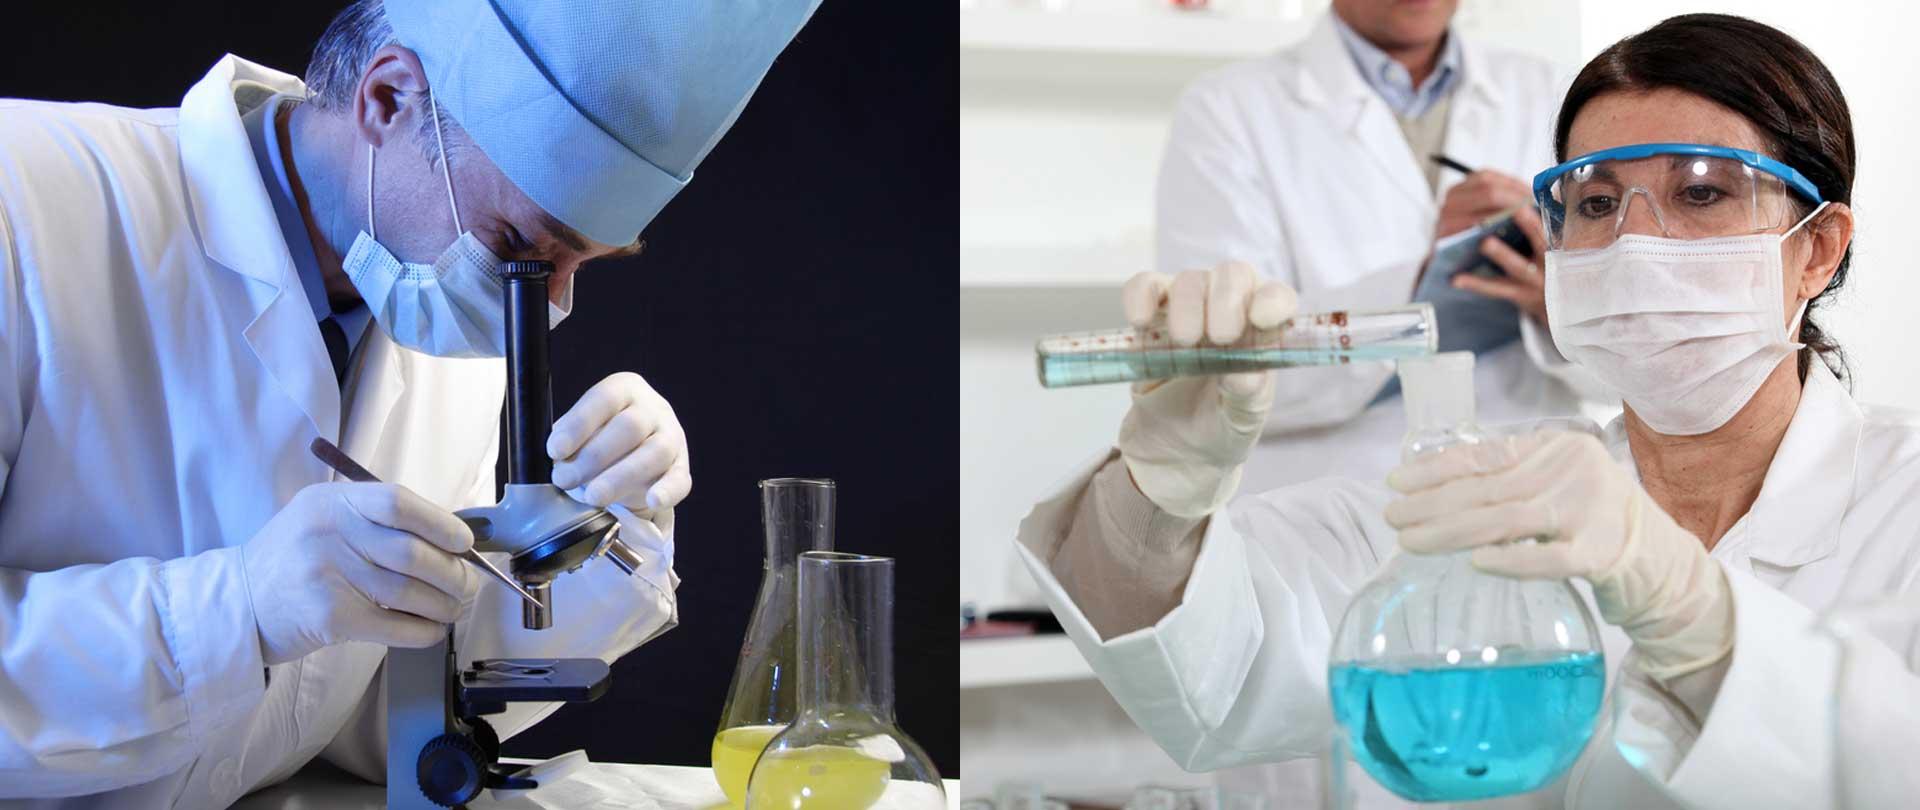 NOVAGEN Healthcare: A Pharmaceutical Company